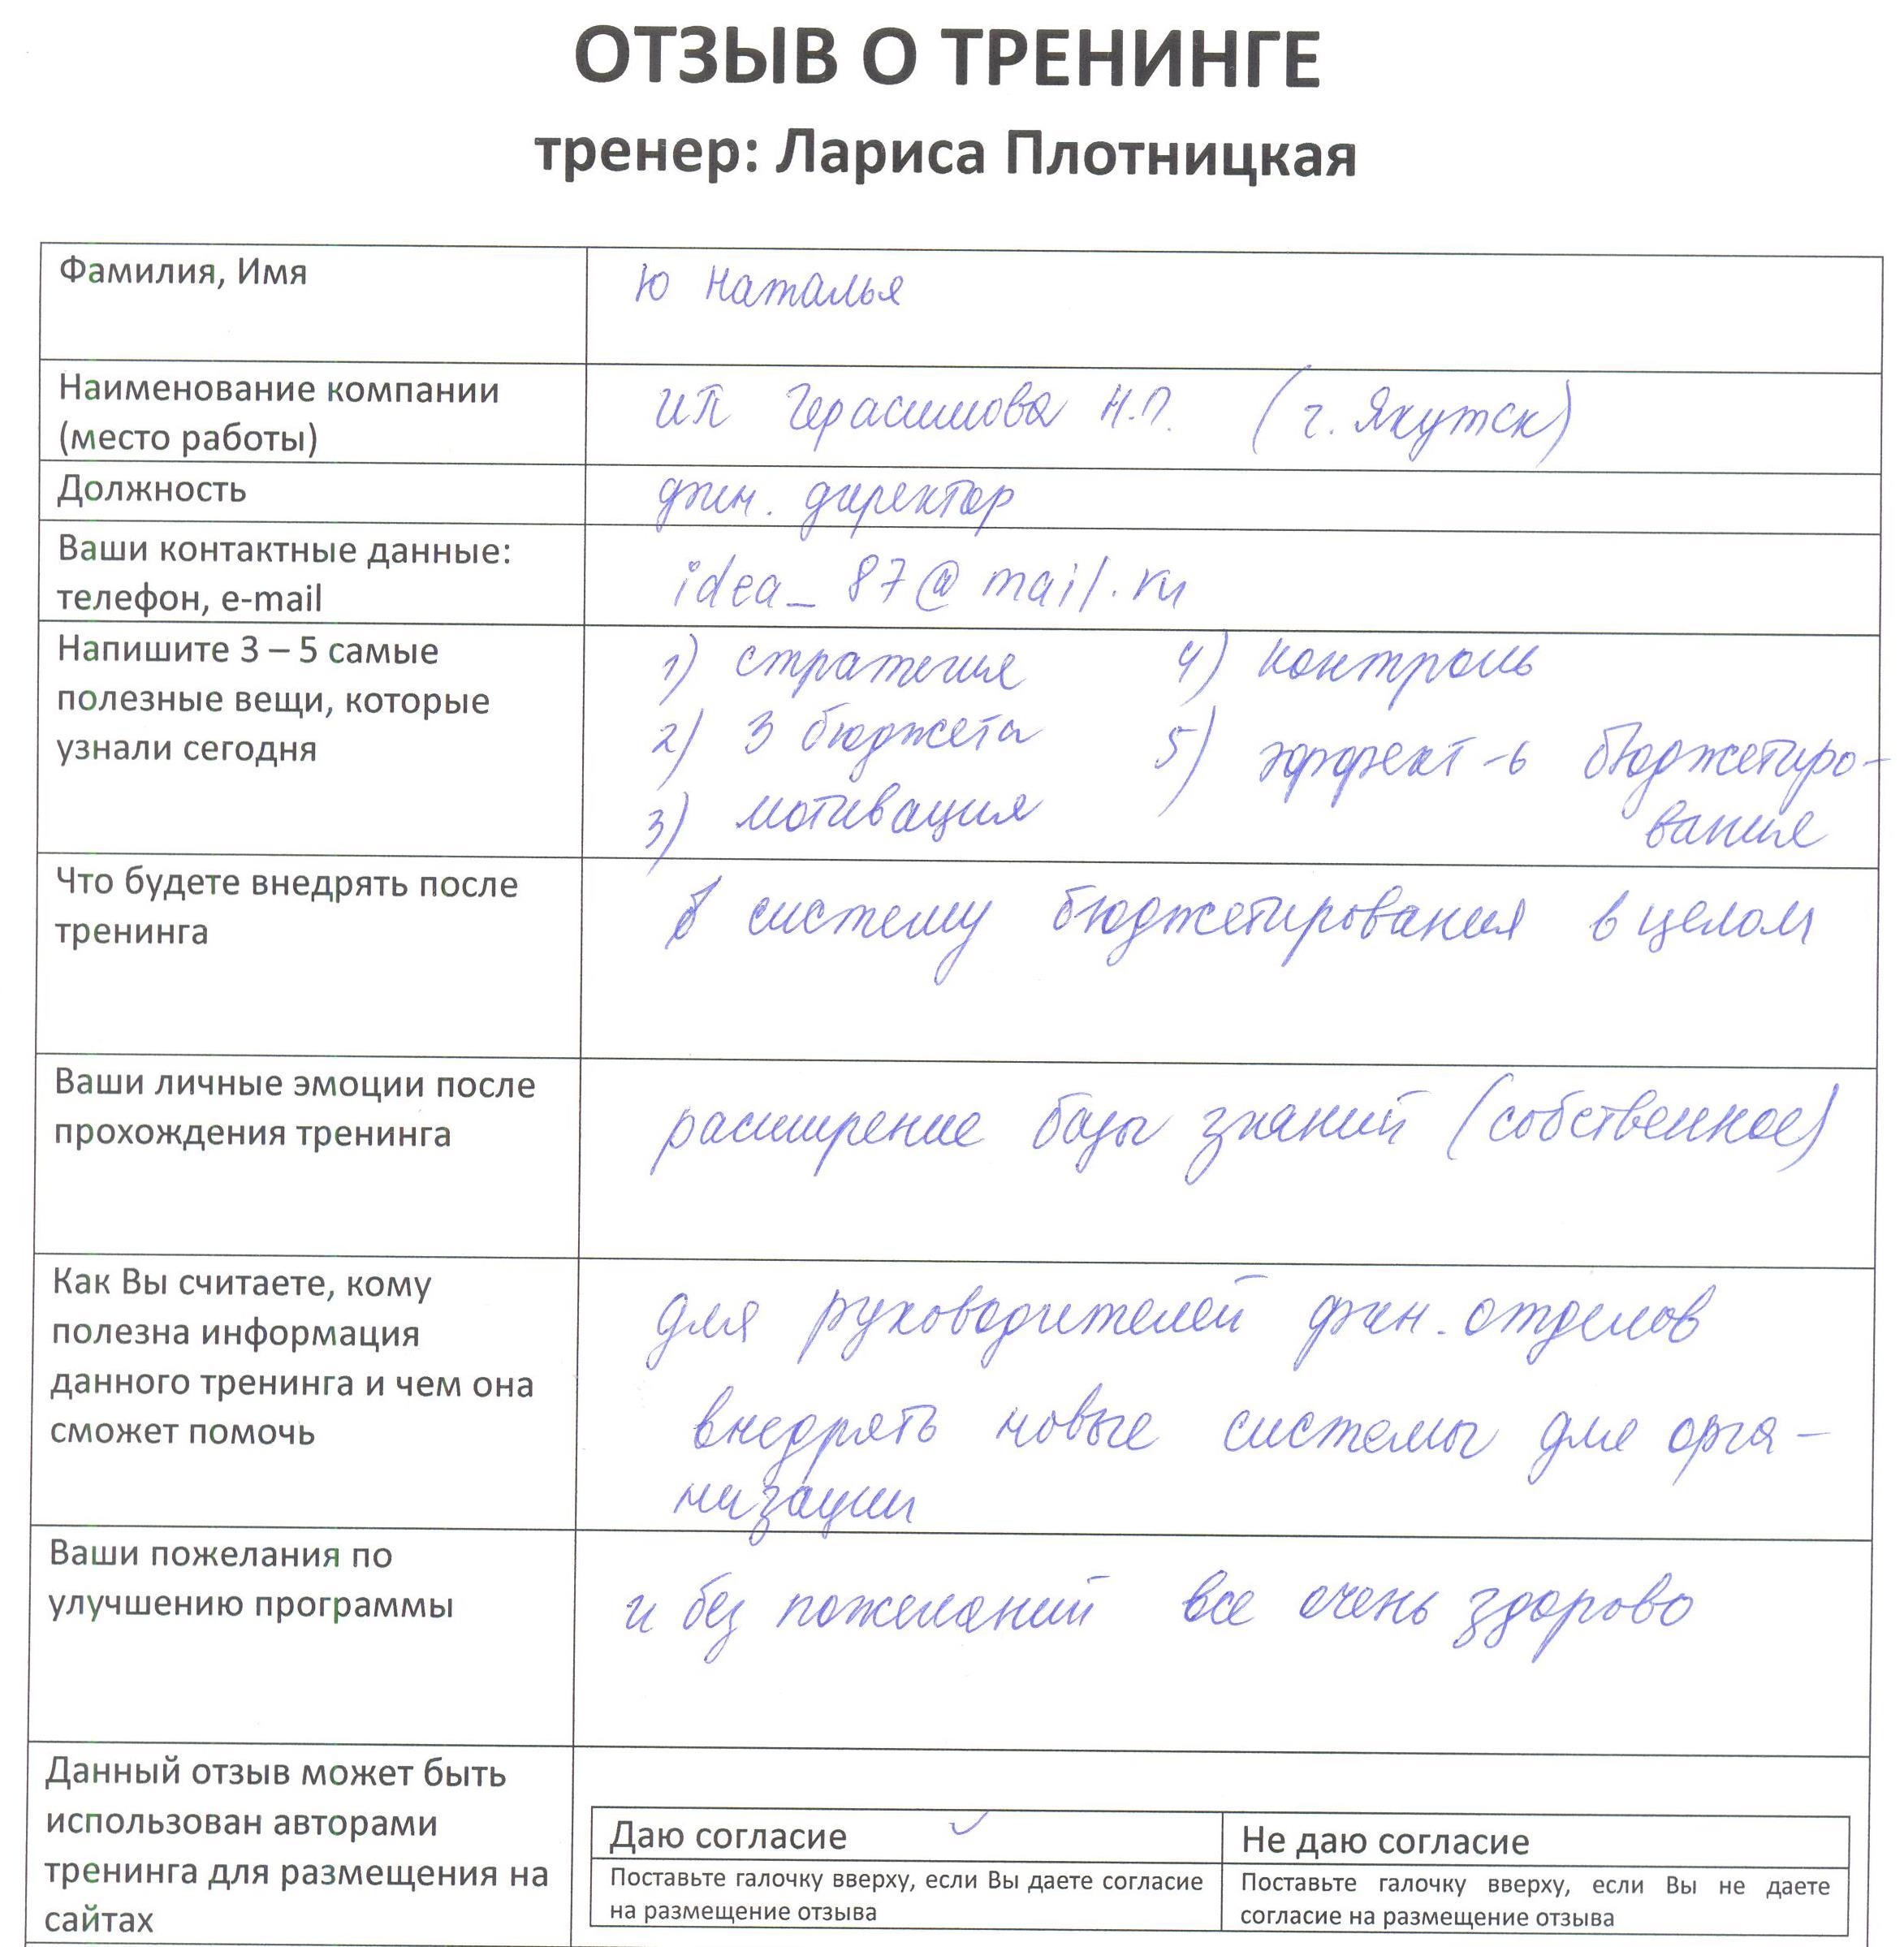 Ю Наталья